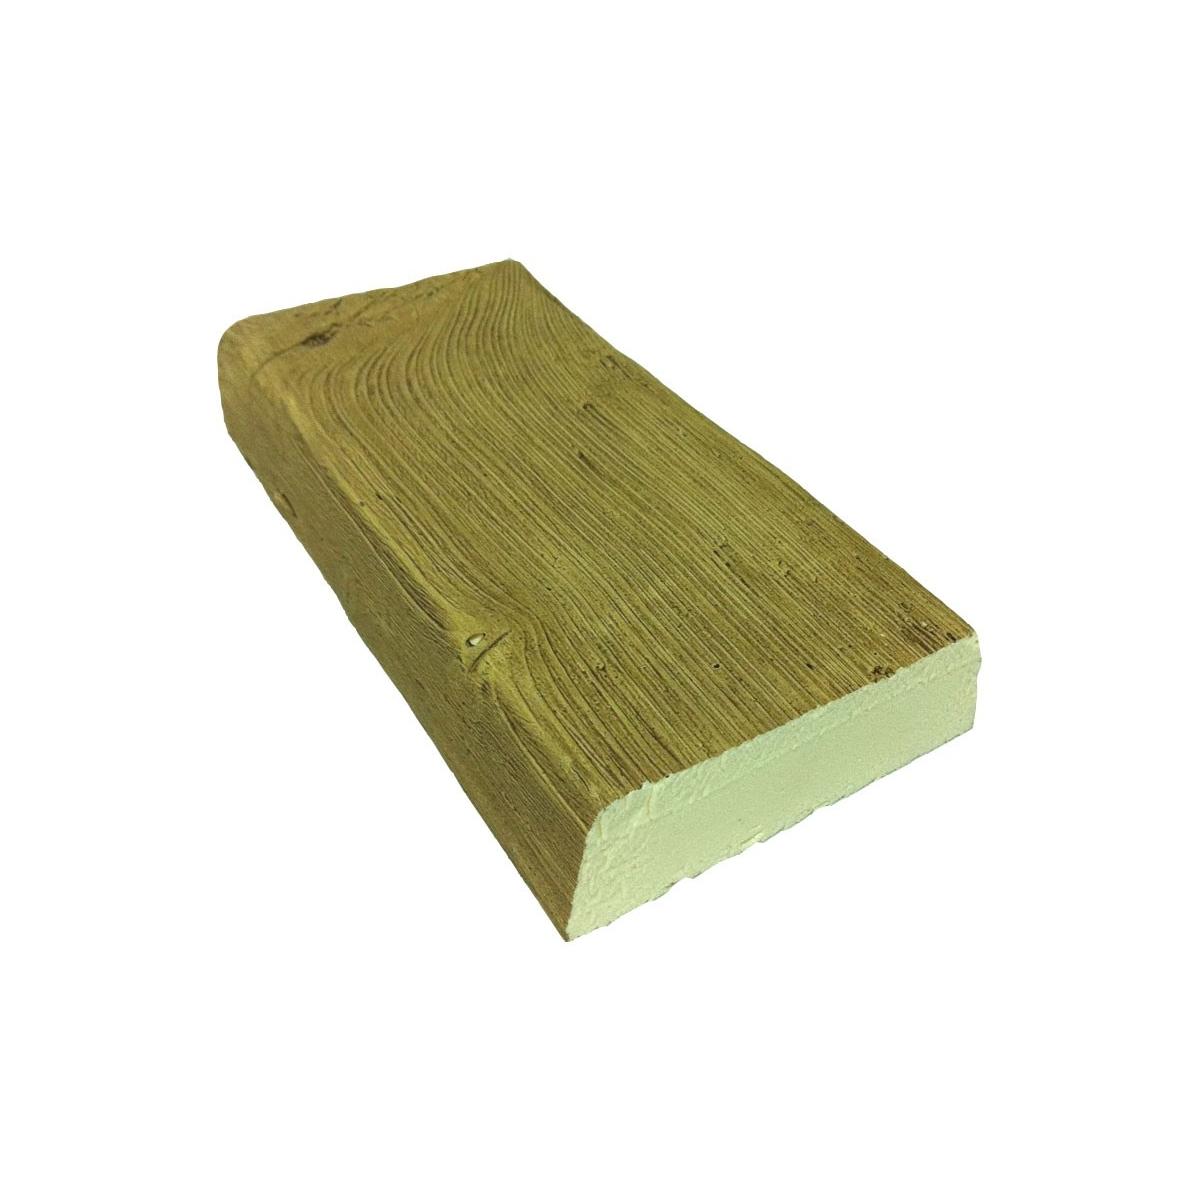 Viga imitación a madera maciza 300x12,5x4